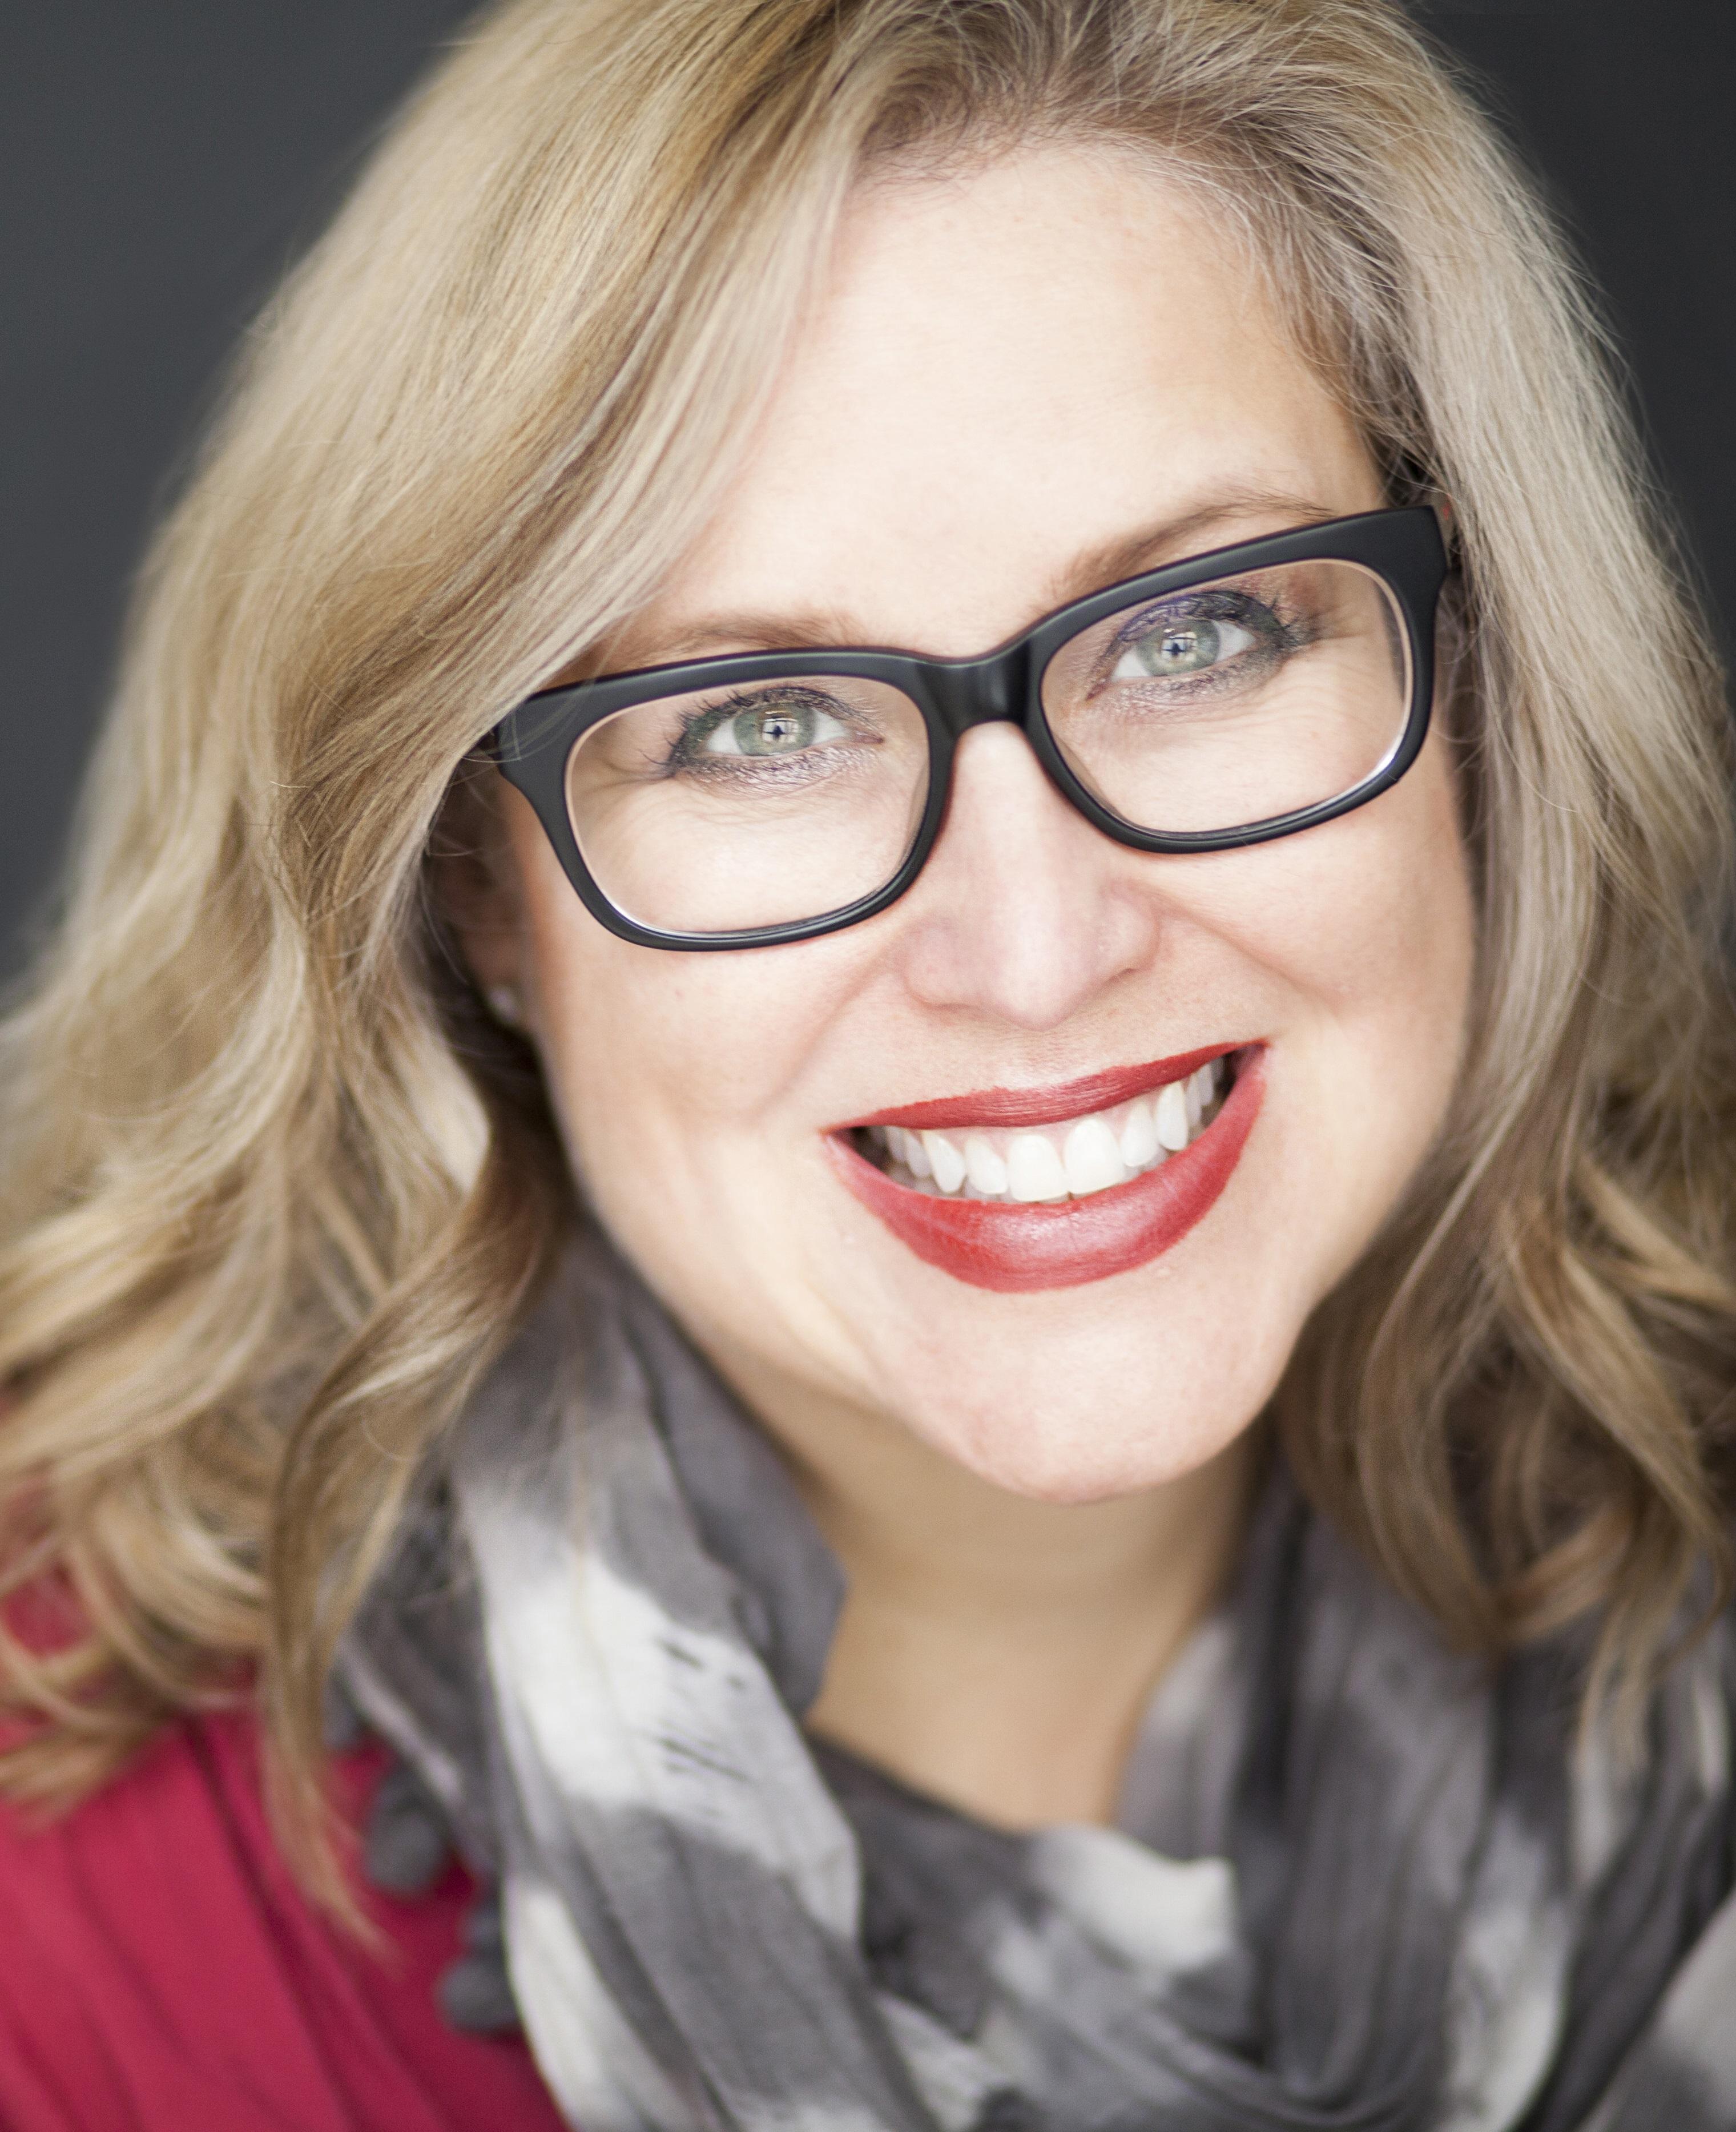 JT Ellison Author Photo credit Krista Lee Photography - vertical (1)